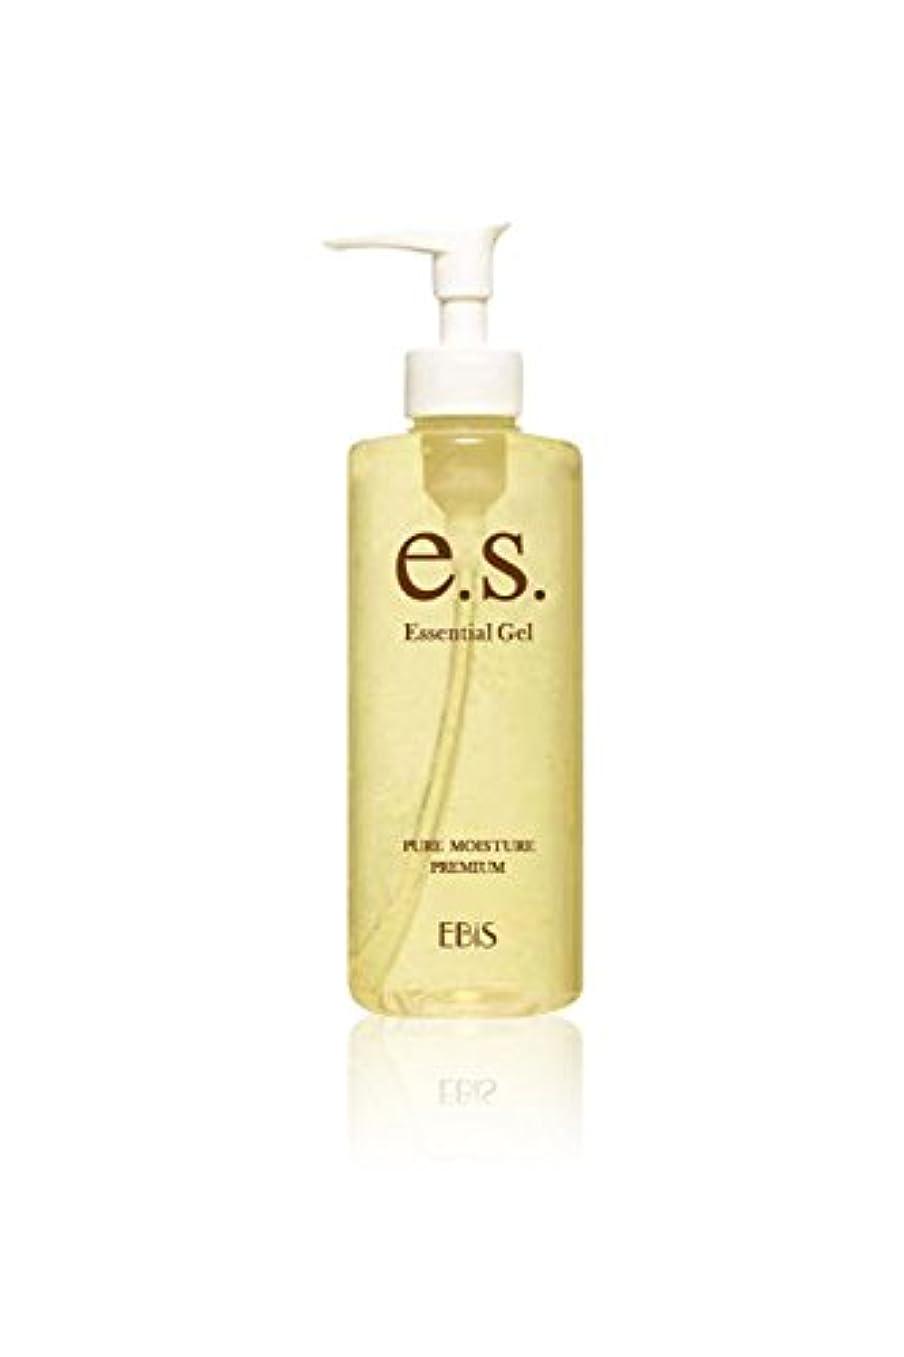 クリップ蝶日常的にグレートオークエビス化粧品(EBiS) イーエスエッセンシャルジェル (105g) 美顔器ジェル 無添加処方 アルコールフリー 日本製 男女兼用 保湿ジェル